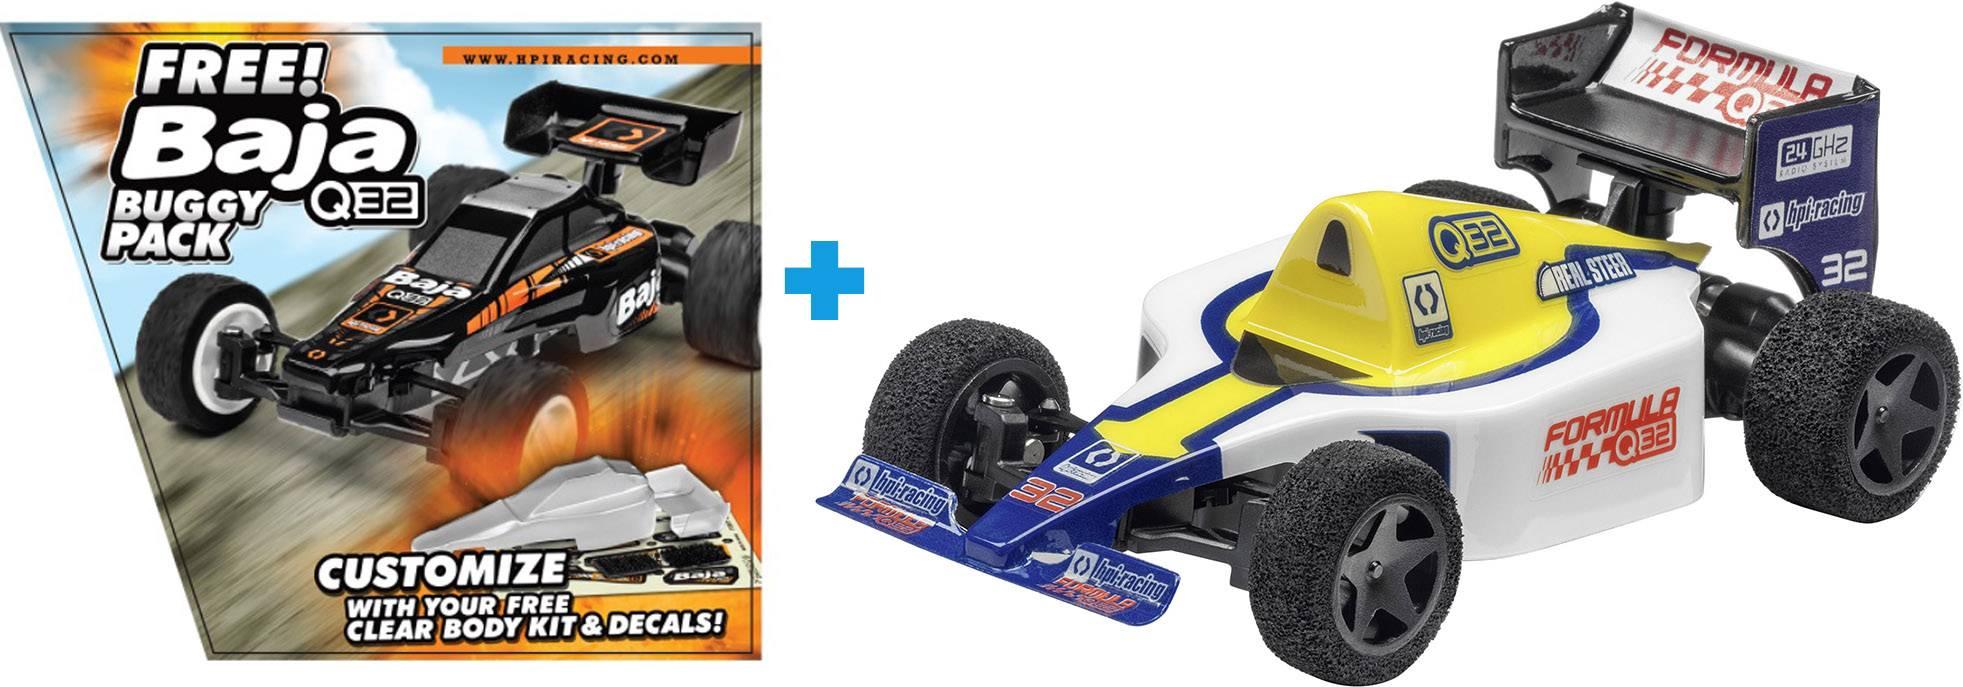 HPI Racing Q32 Baja + Formula